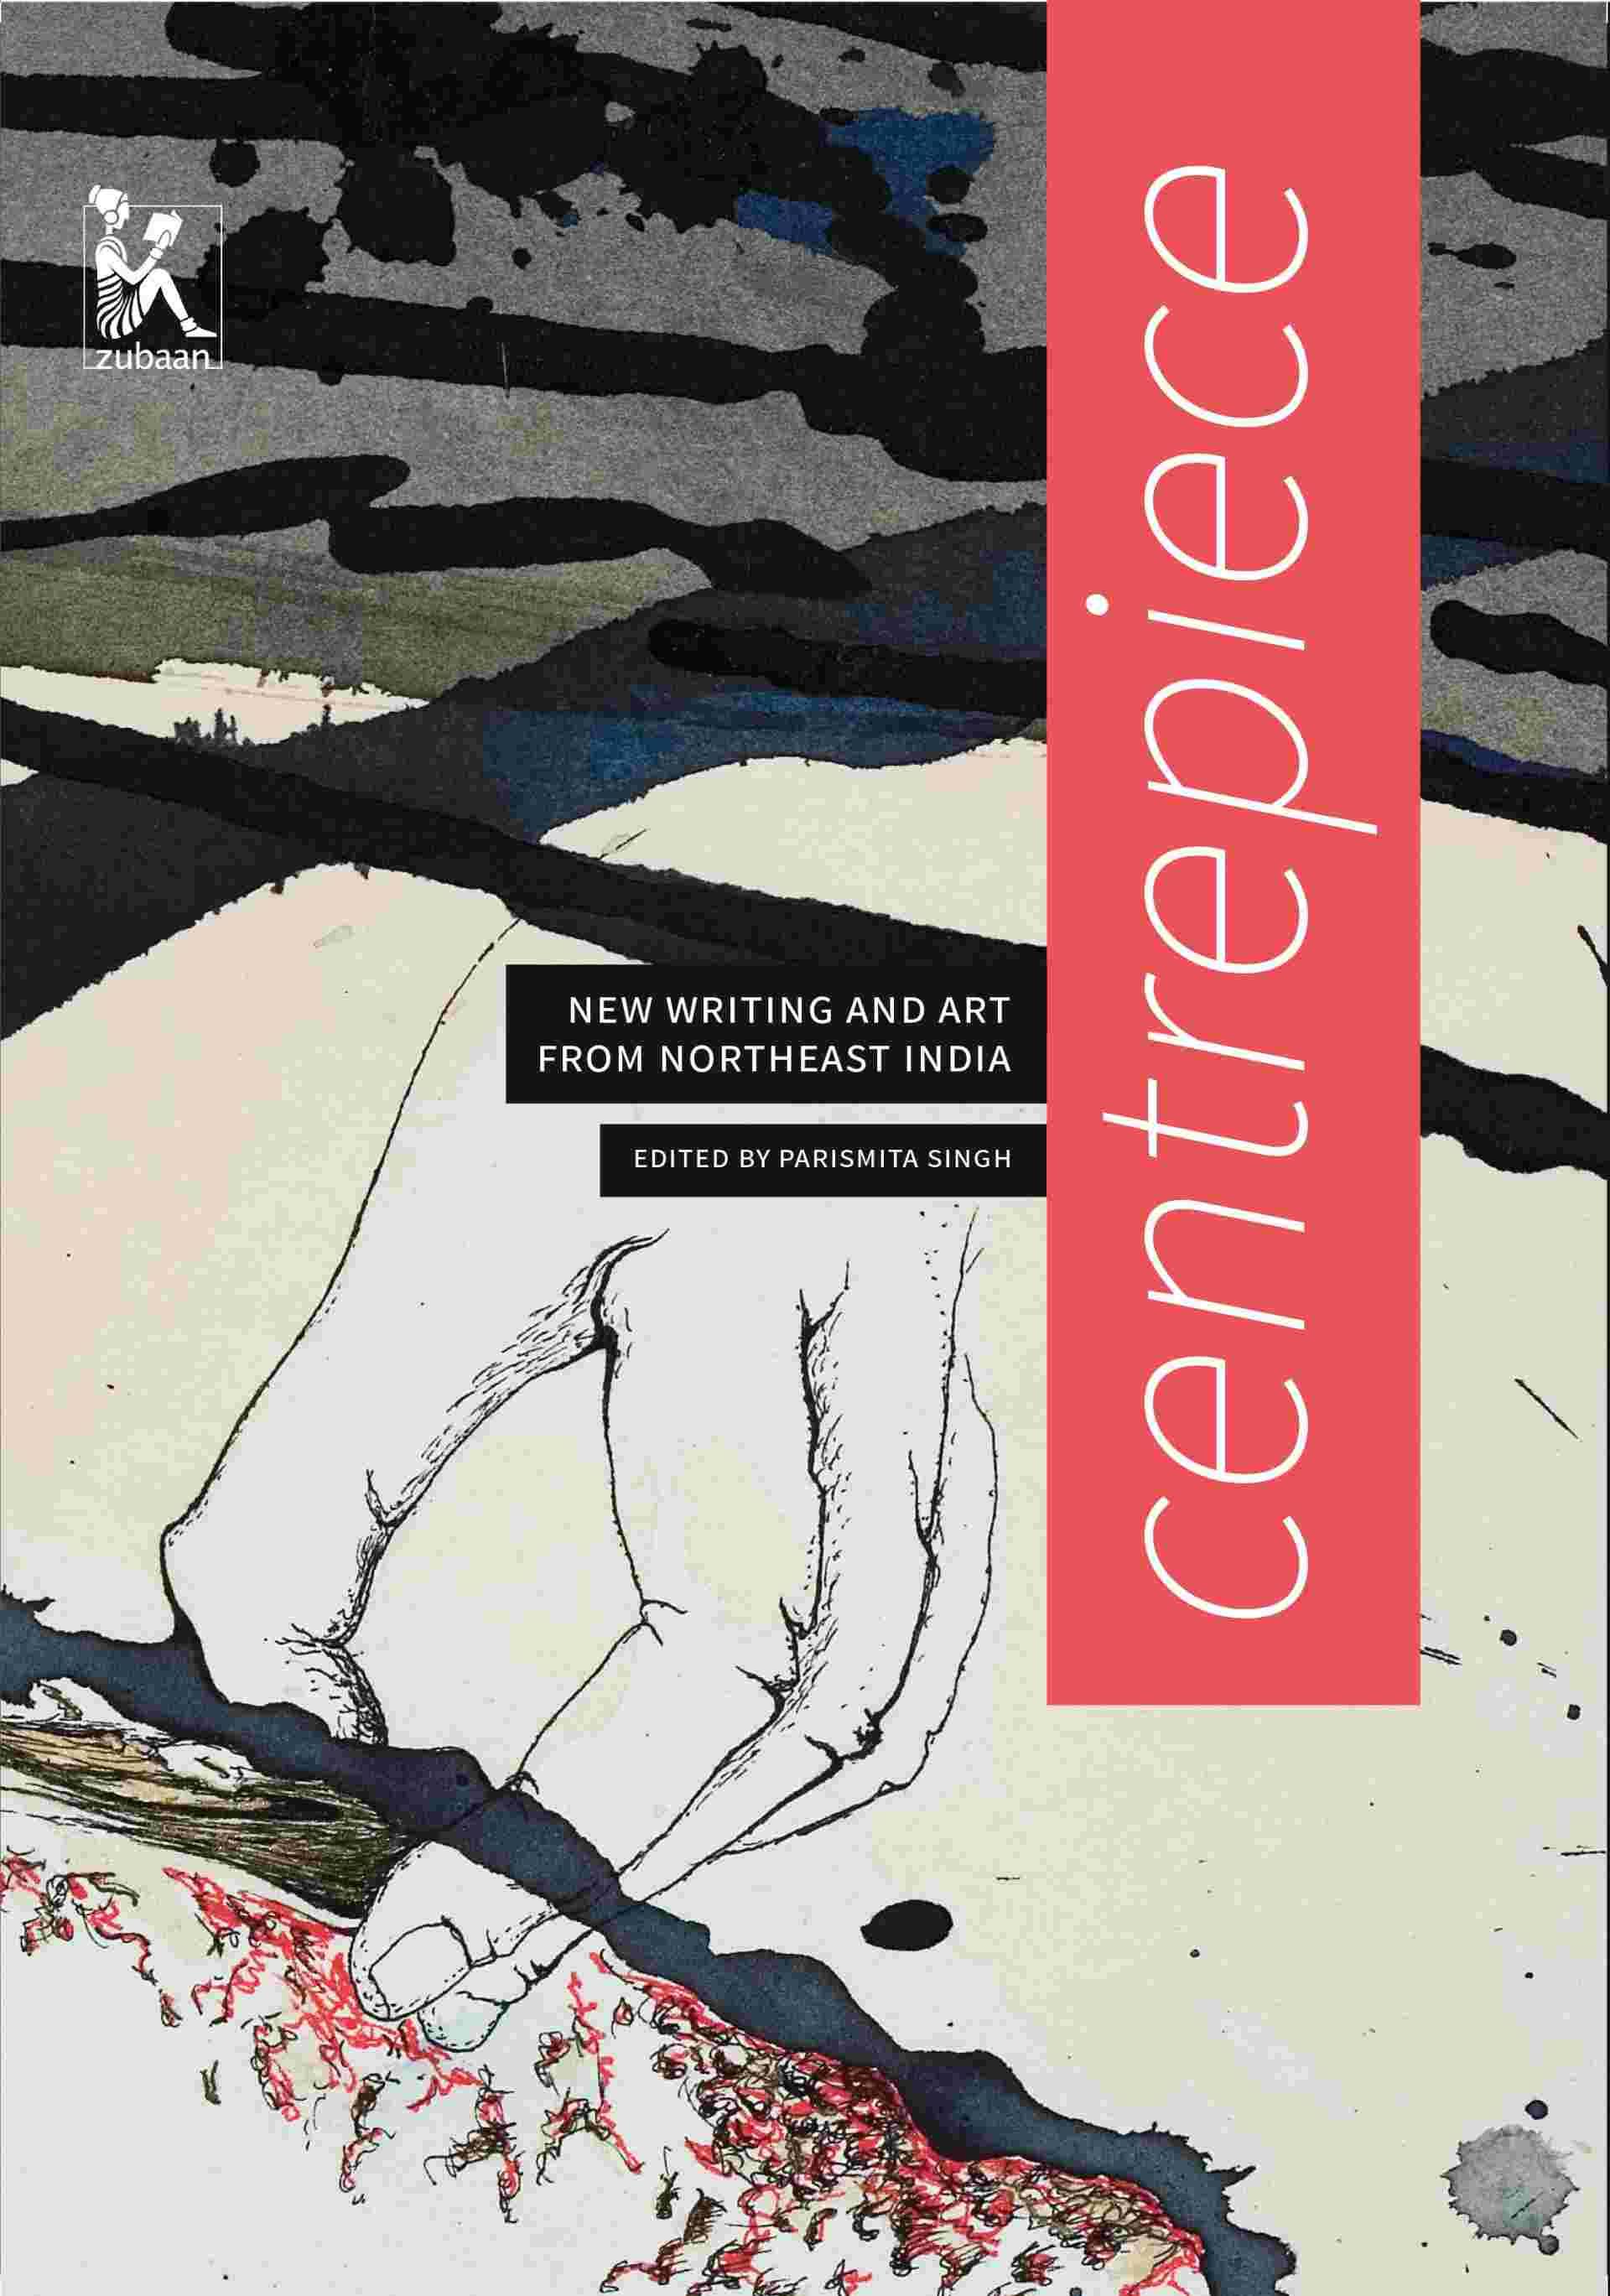 中心:インド北東部からの新しい文学と芸術 表紙画像